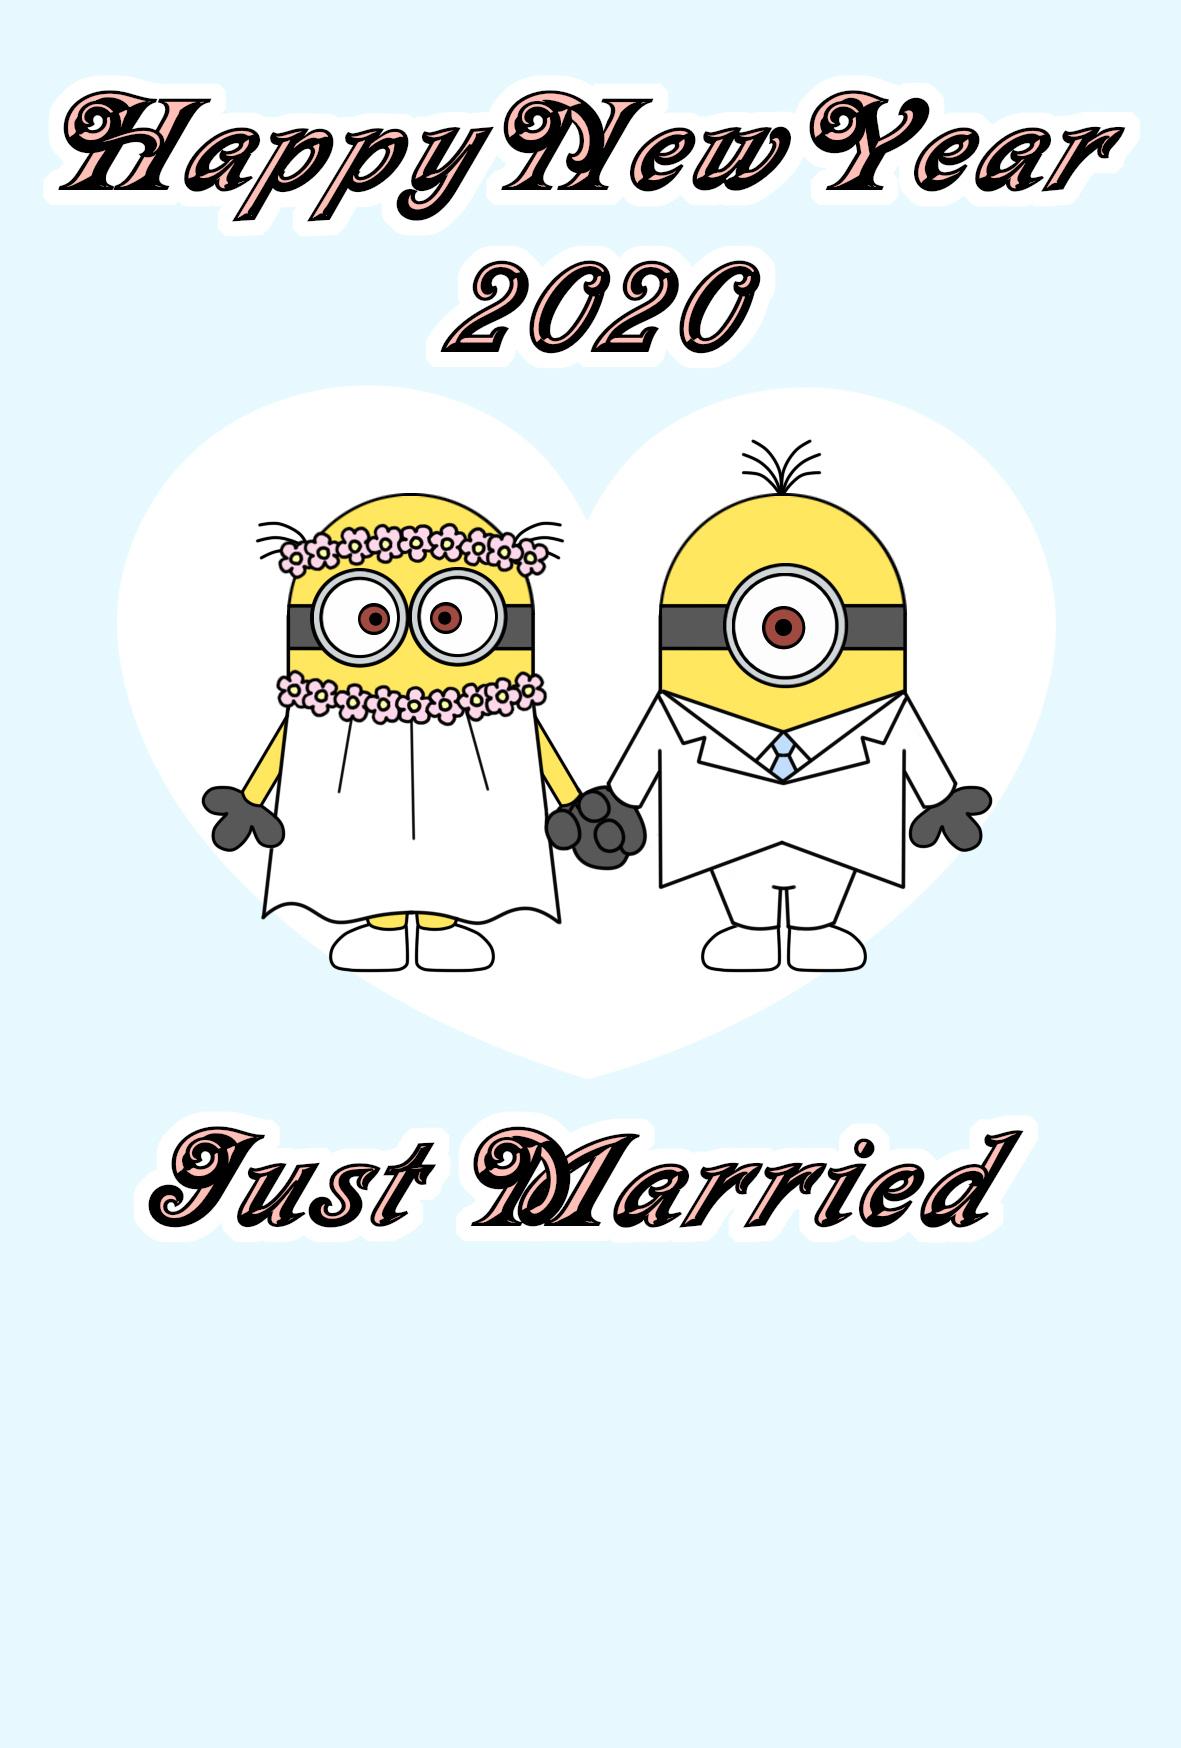 2020年 年賀状 令和2年結婚報告 ミニオンズ 縦書き